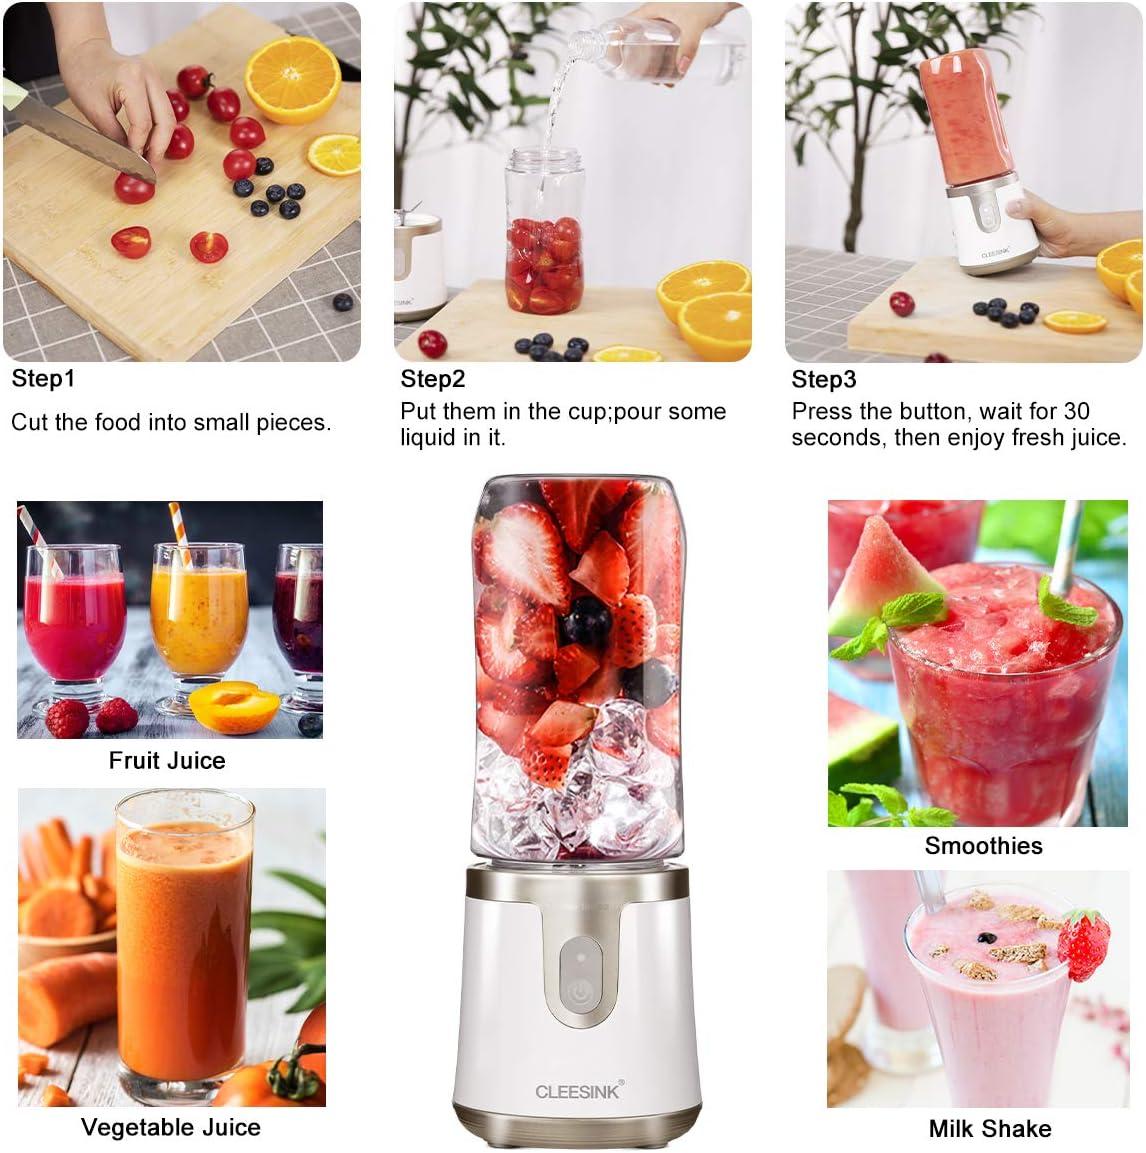 CLEESINK Aspiradora de licuadora portátil para hielo y frutas congeladas, batidora personal para batidos y batidos, recargable por USB, pequeña licuadora incluida (1 tarro): Amazon.es: Hogar